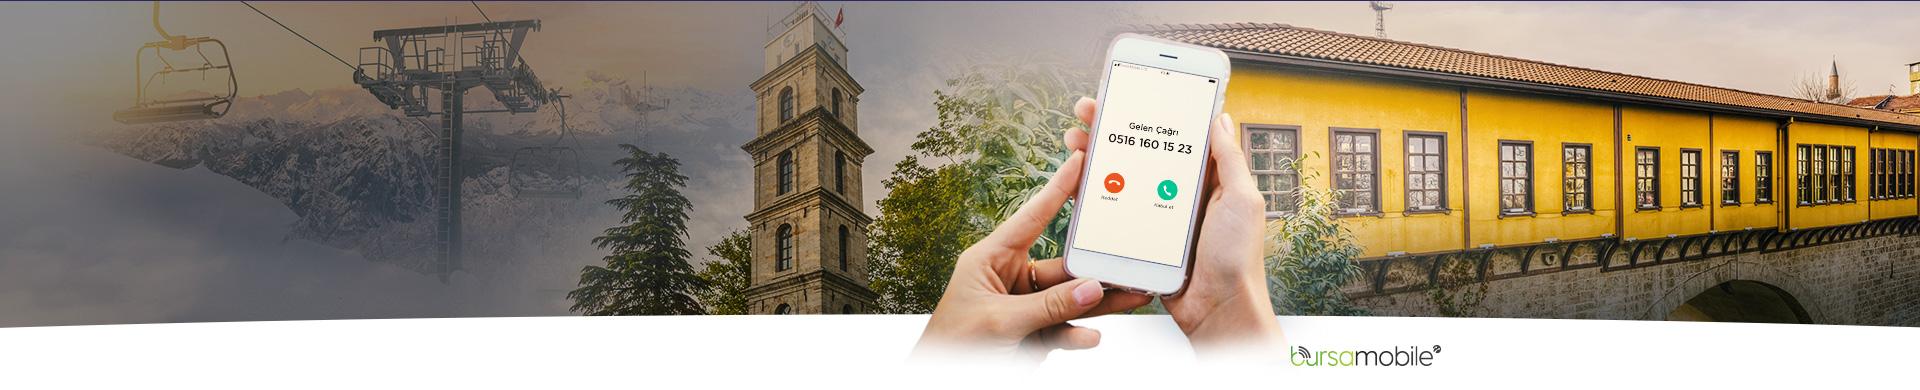 Bursalılara Özel Bursa Mobile Telefonunda bu numarayı görürsen bil ki seni bir memleketlin, memleketin Bursa arıyor.